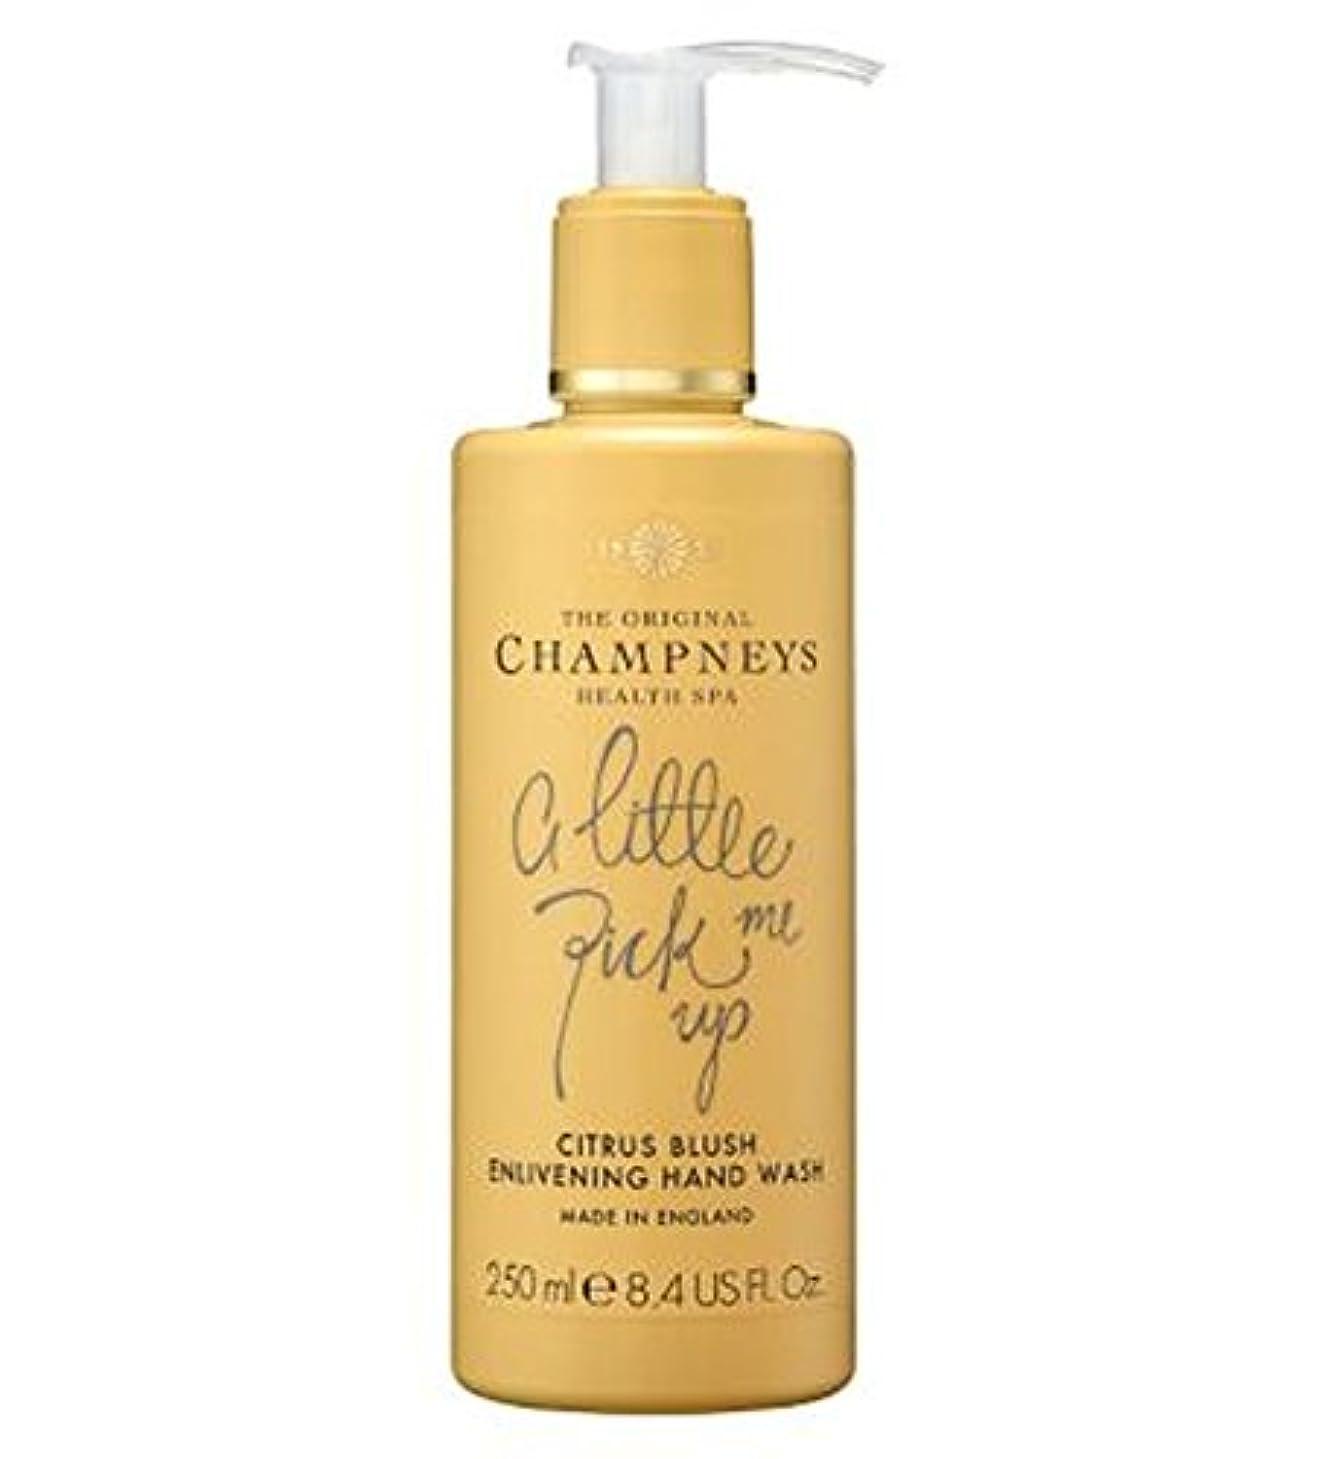 発掘カード不潔チャンプニーズシトラス赤面盛り上げハンドウォッシュ250ミリリットル (Champneys) (x2) - Champneys Citrus Blush Enlivening Hand Wash 250ml (Pack...